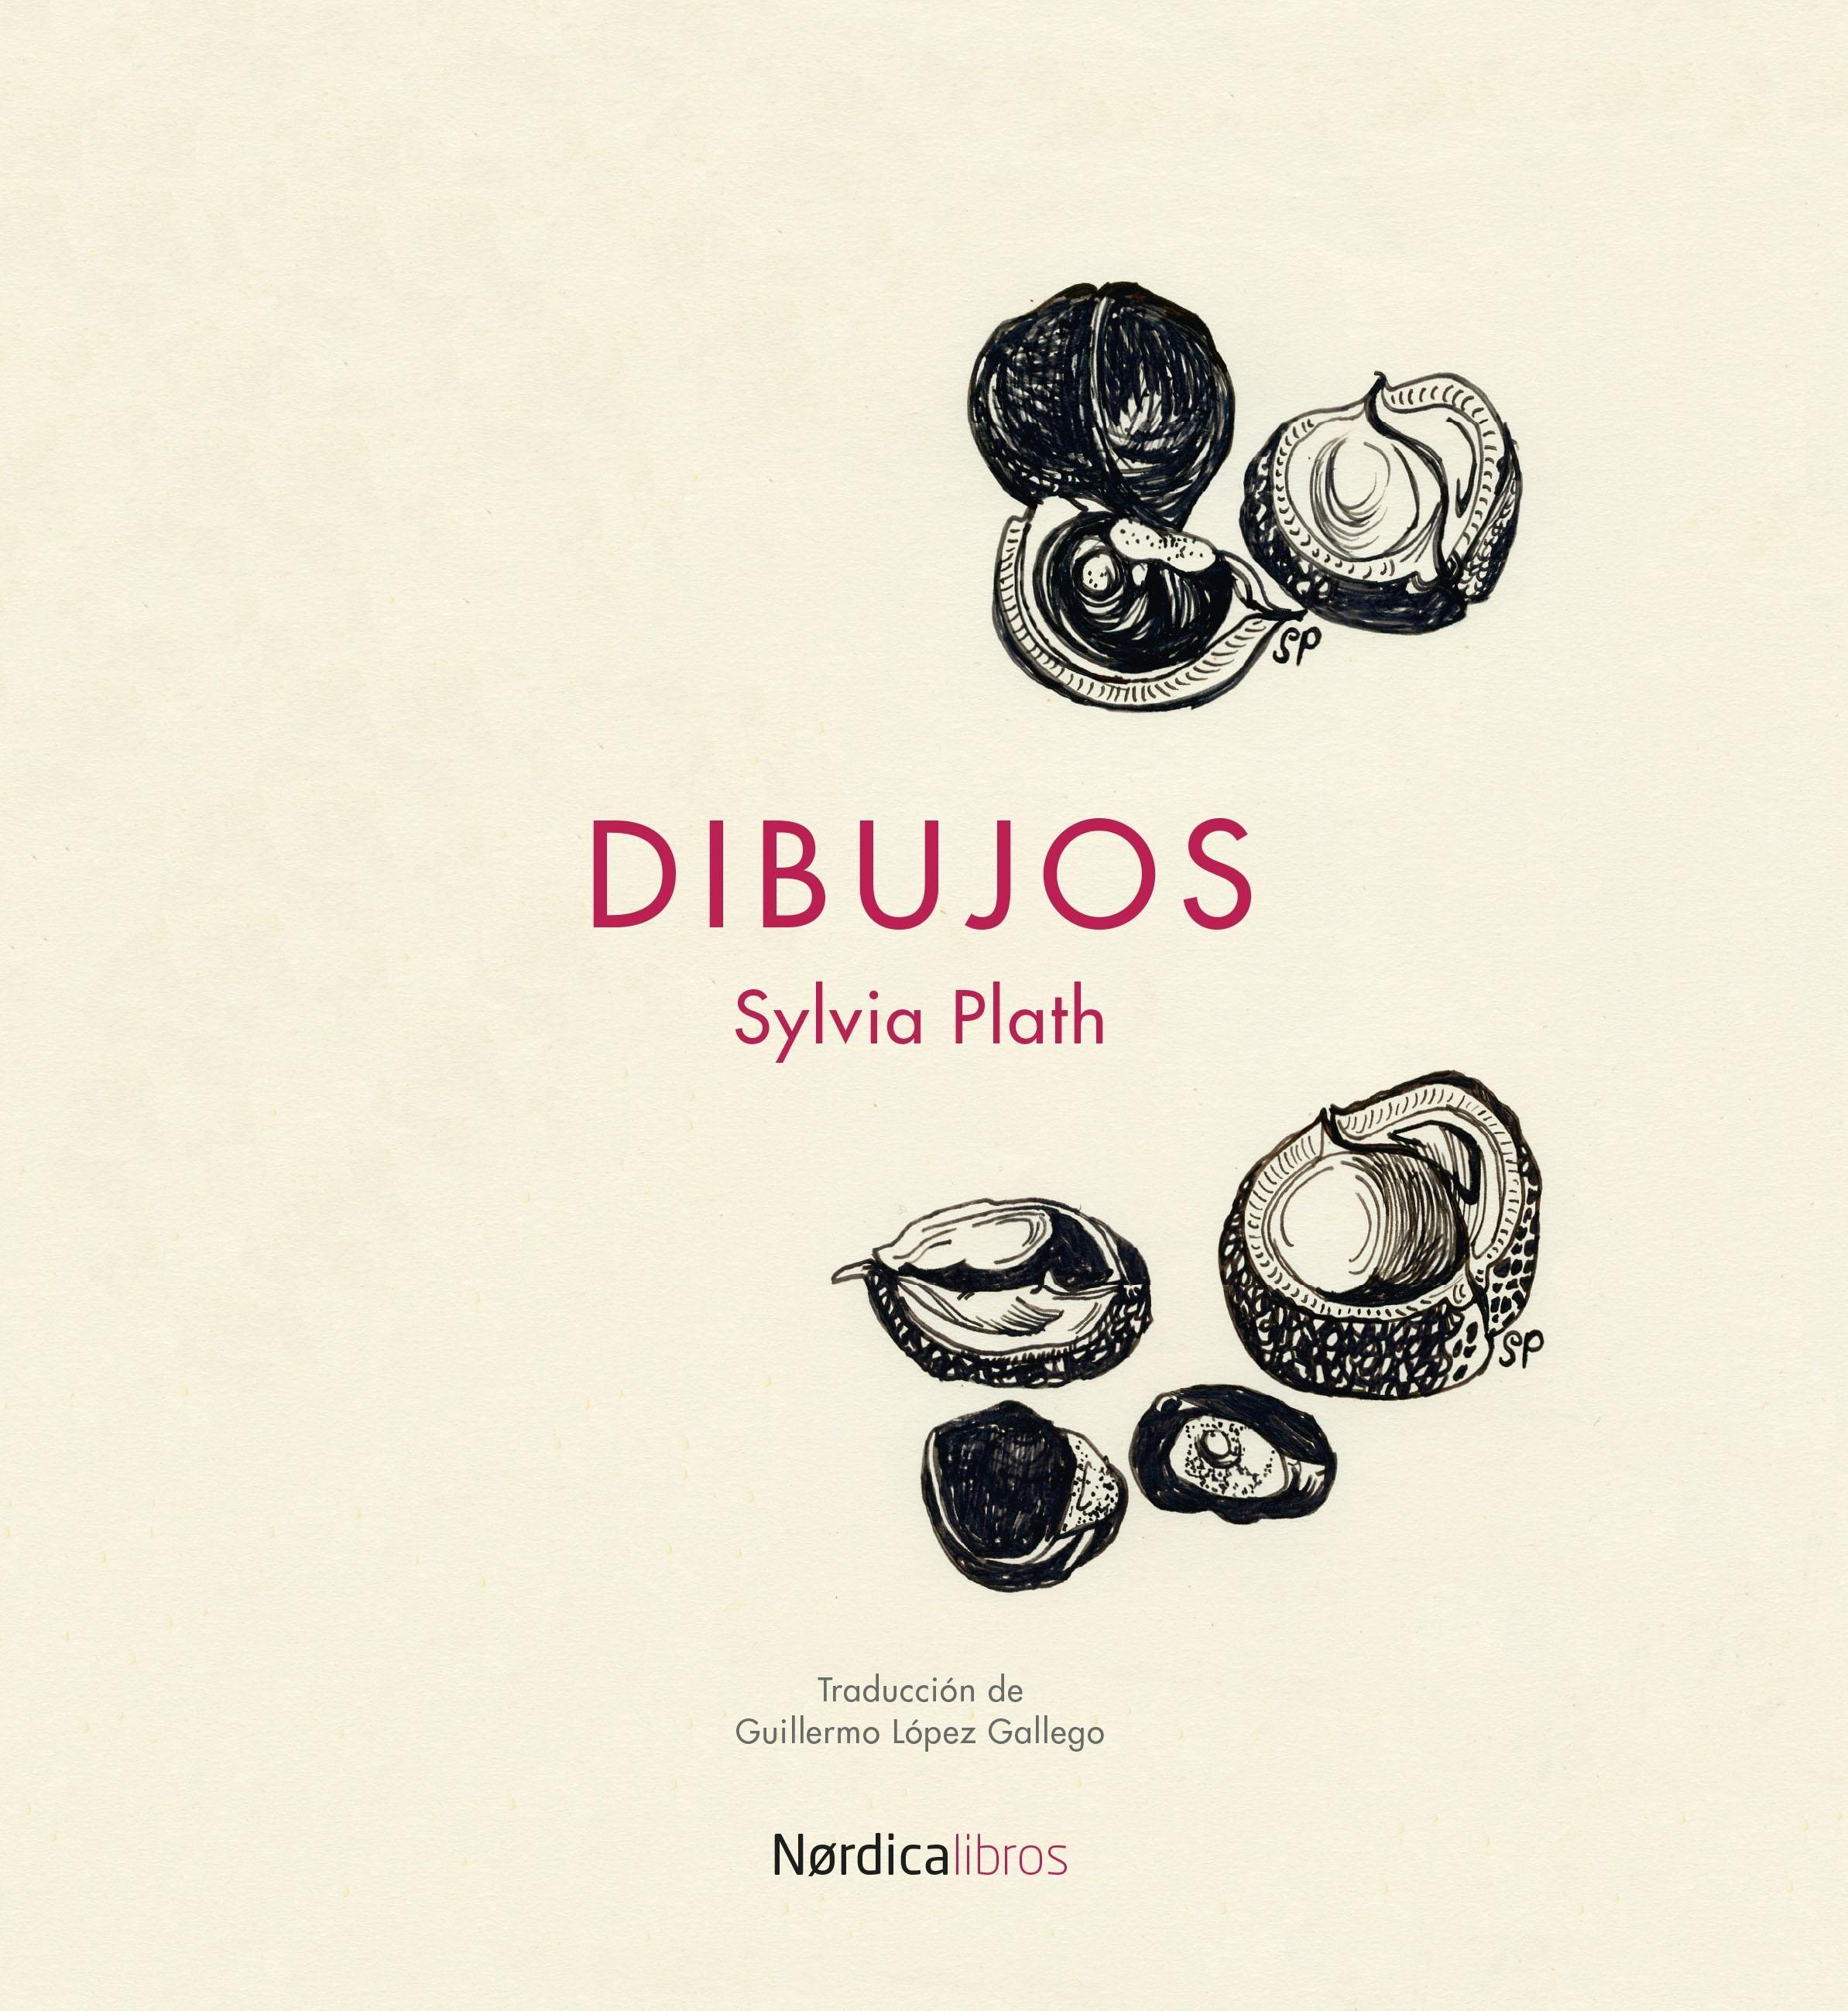 NAOS - Arquitectura & Libros - Libros de DIBUJO